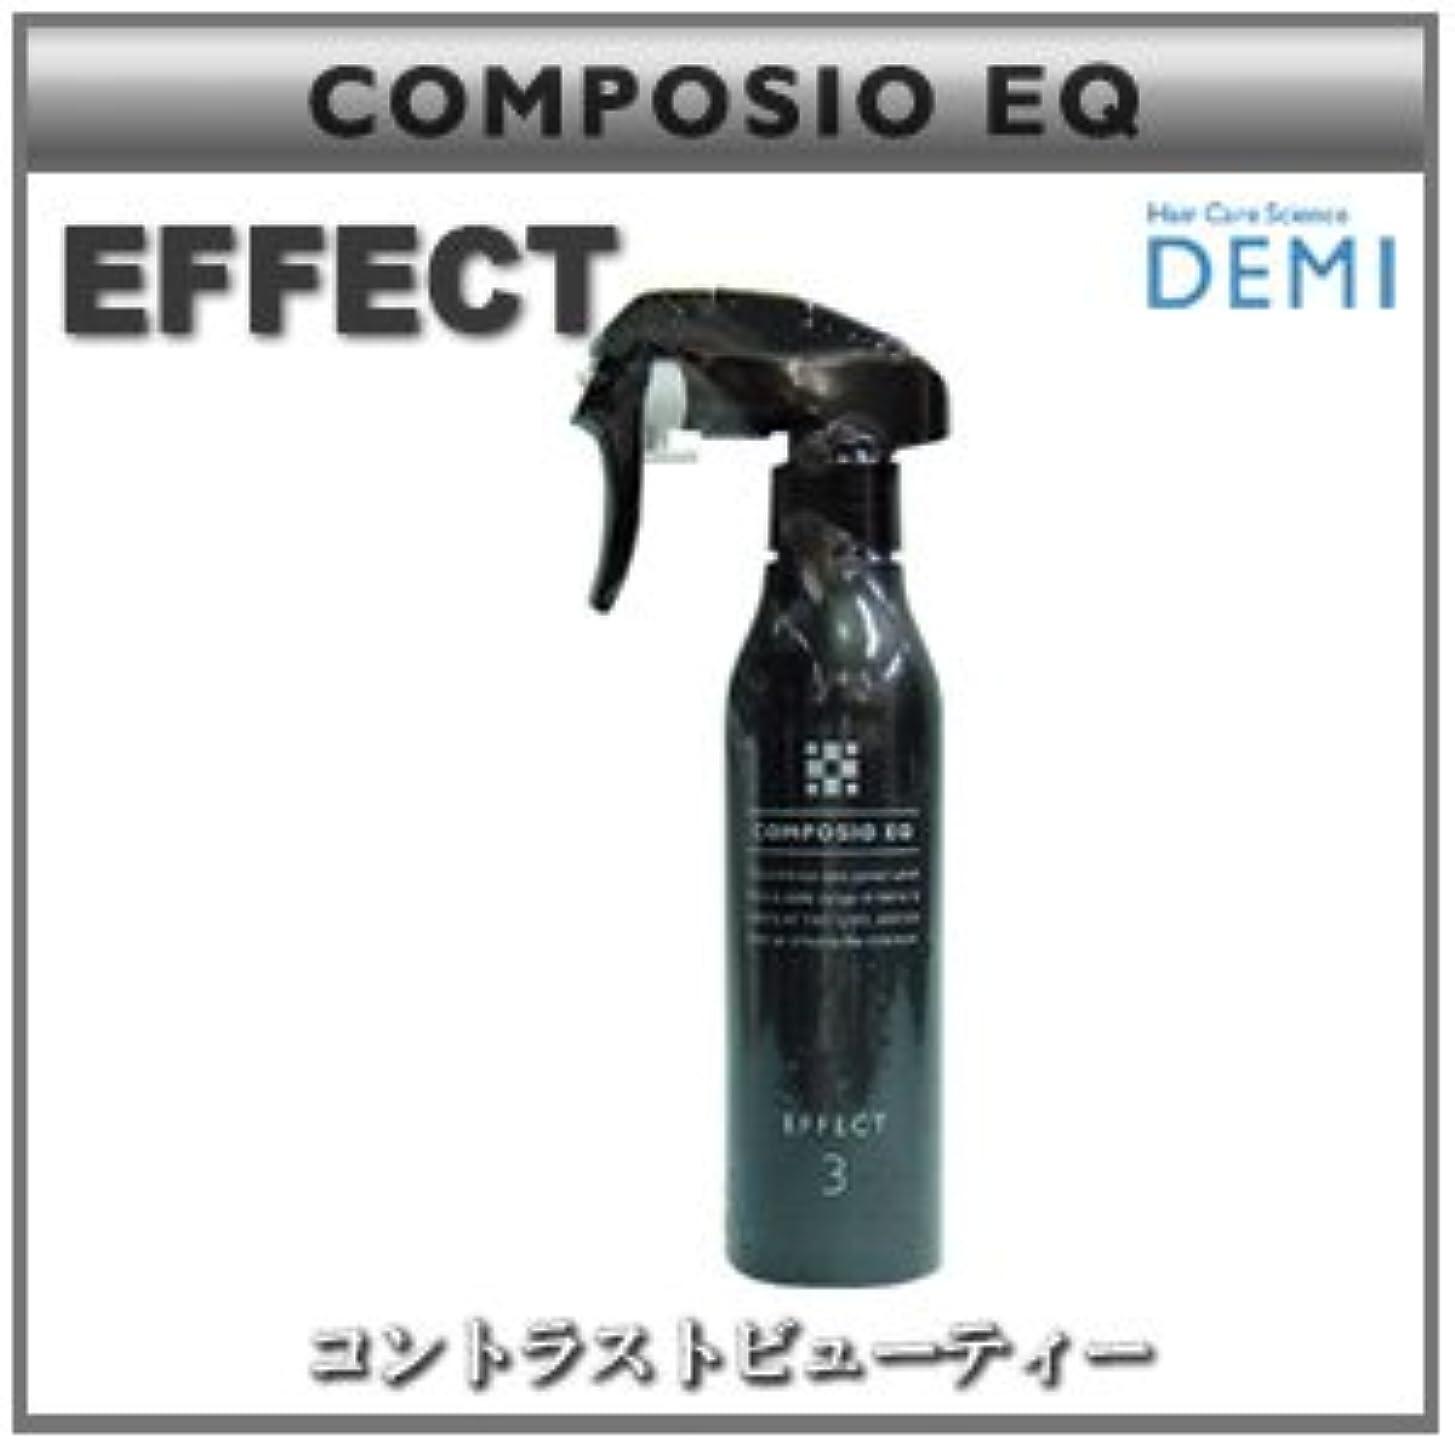 ソースディプロマ早い【X4個セット】 デミ コンポジオ EQ エフェクト 200ml